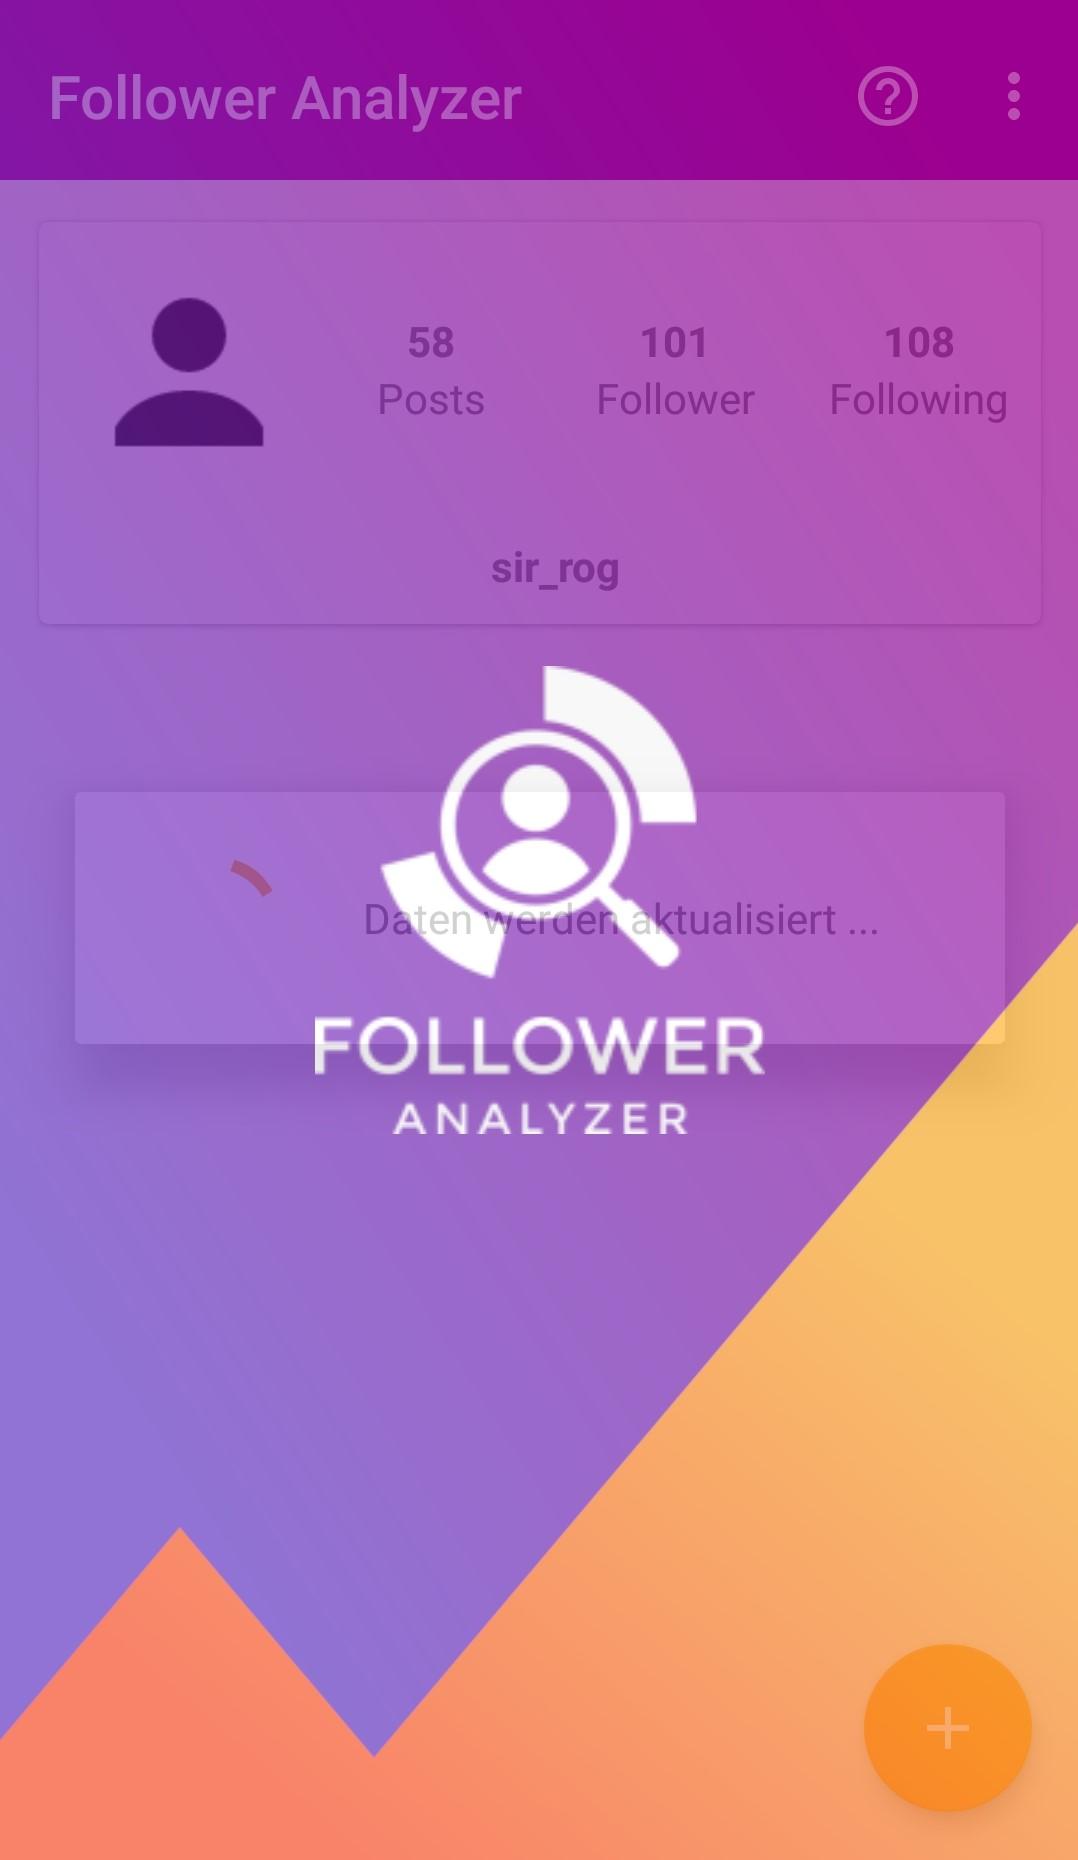 Follower Analyzer for Instagram